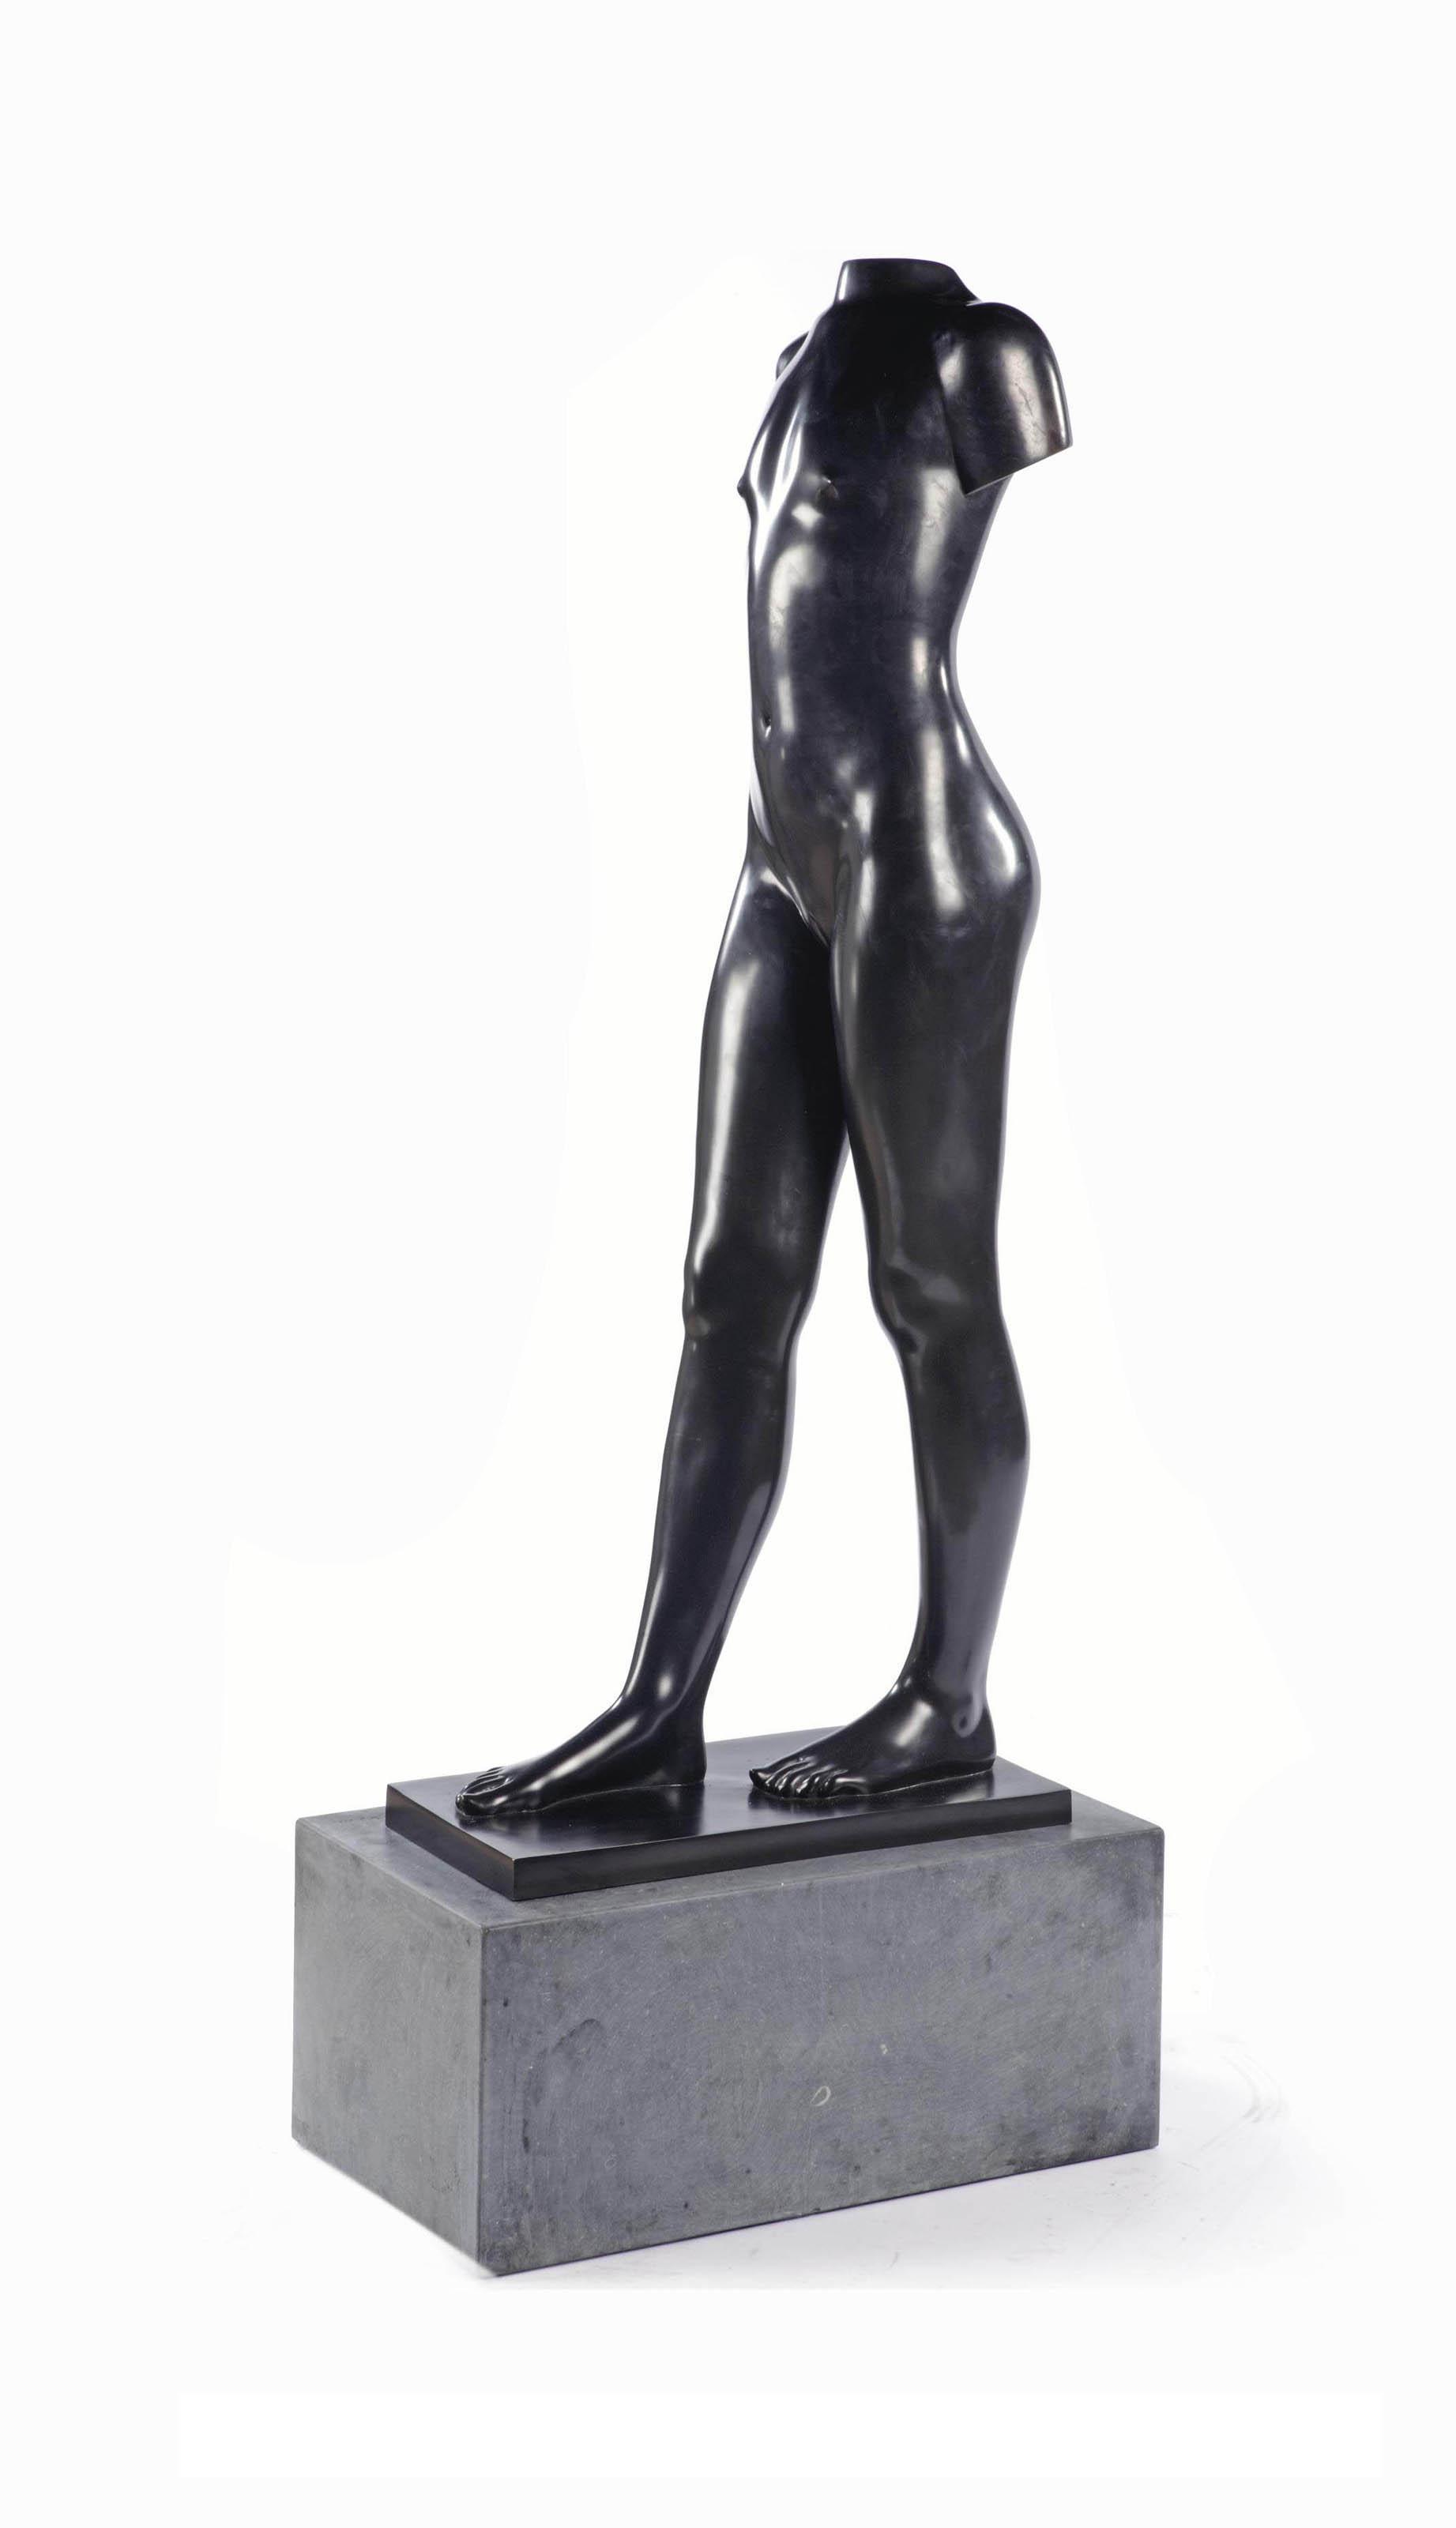 Eja Siepman van den Berg (b. 1943)